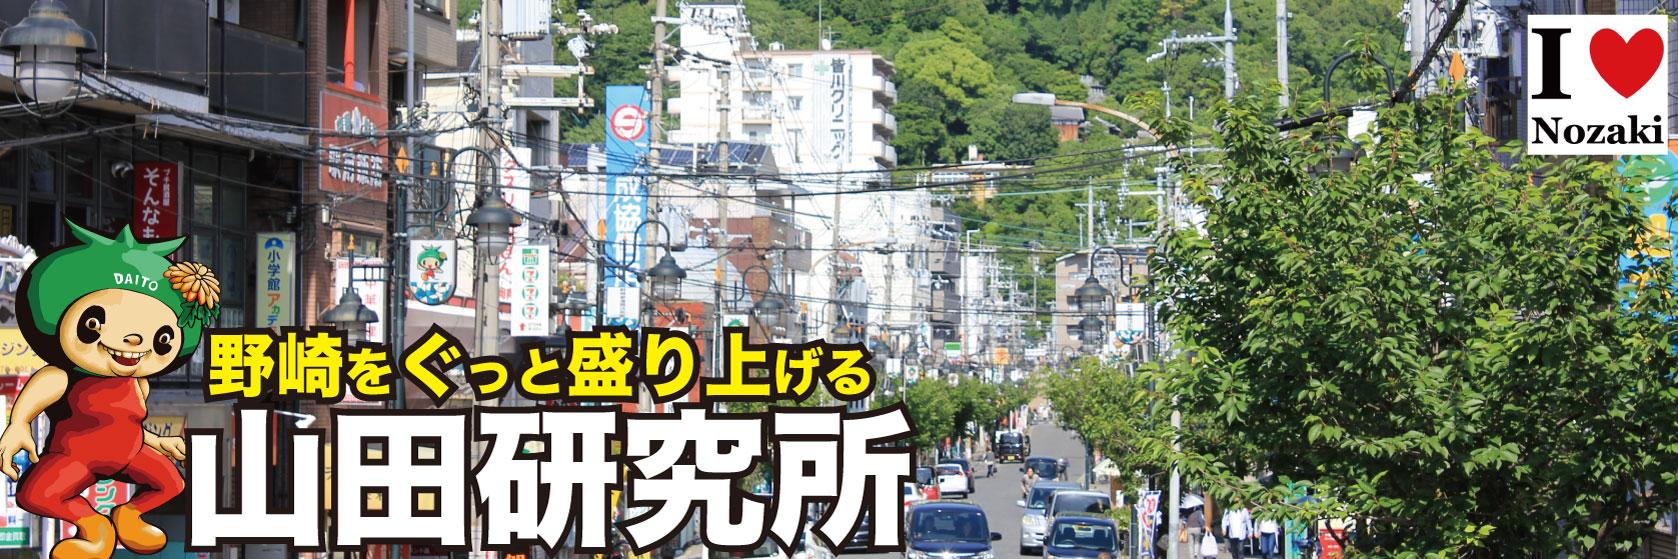 山田研究所@野崎参道商店街